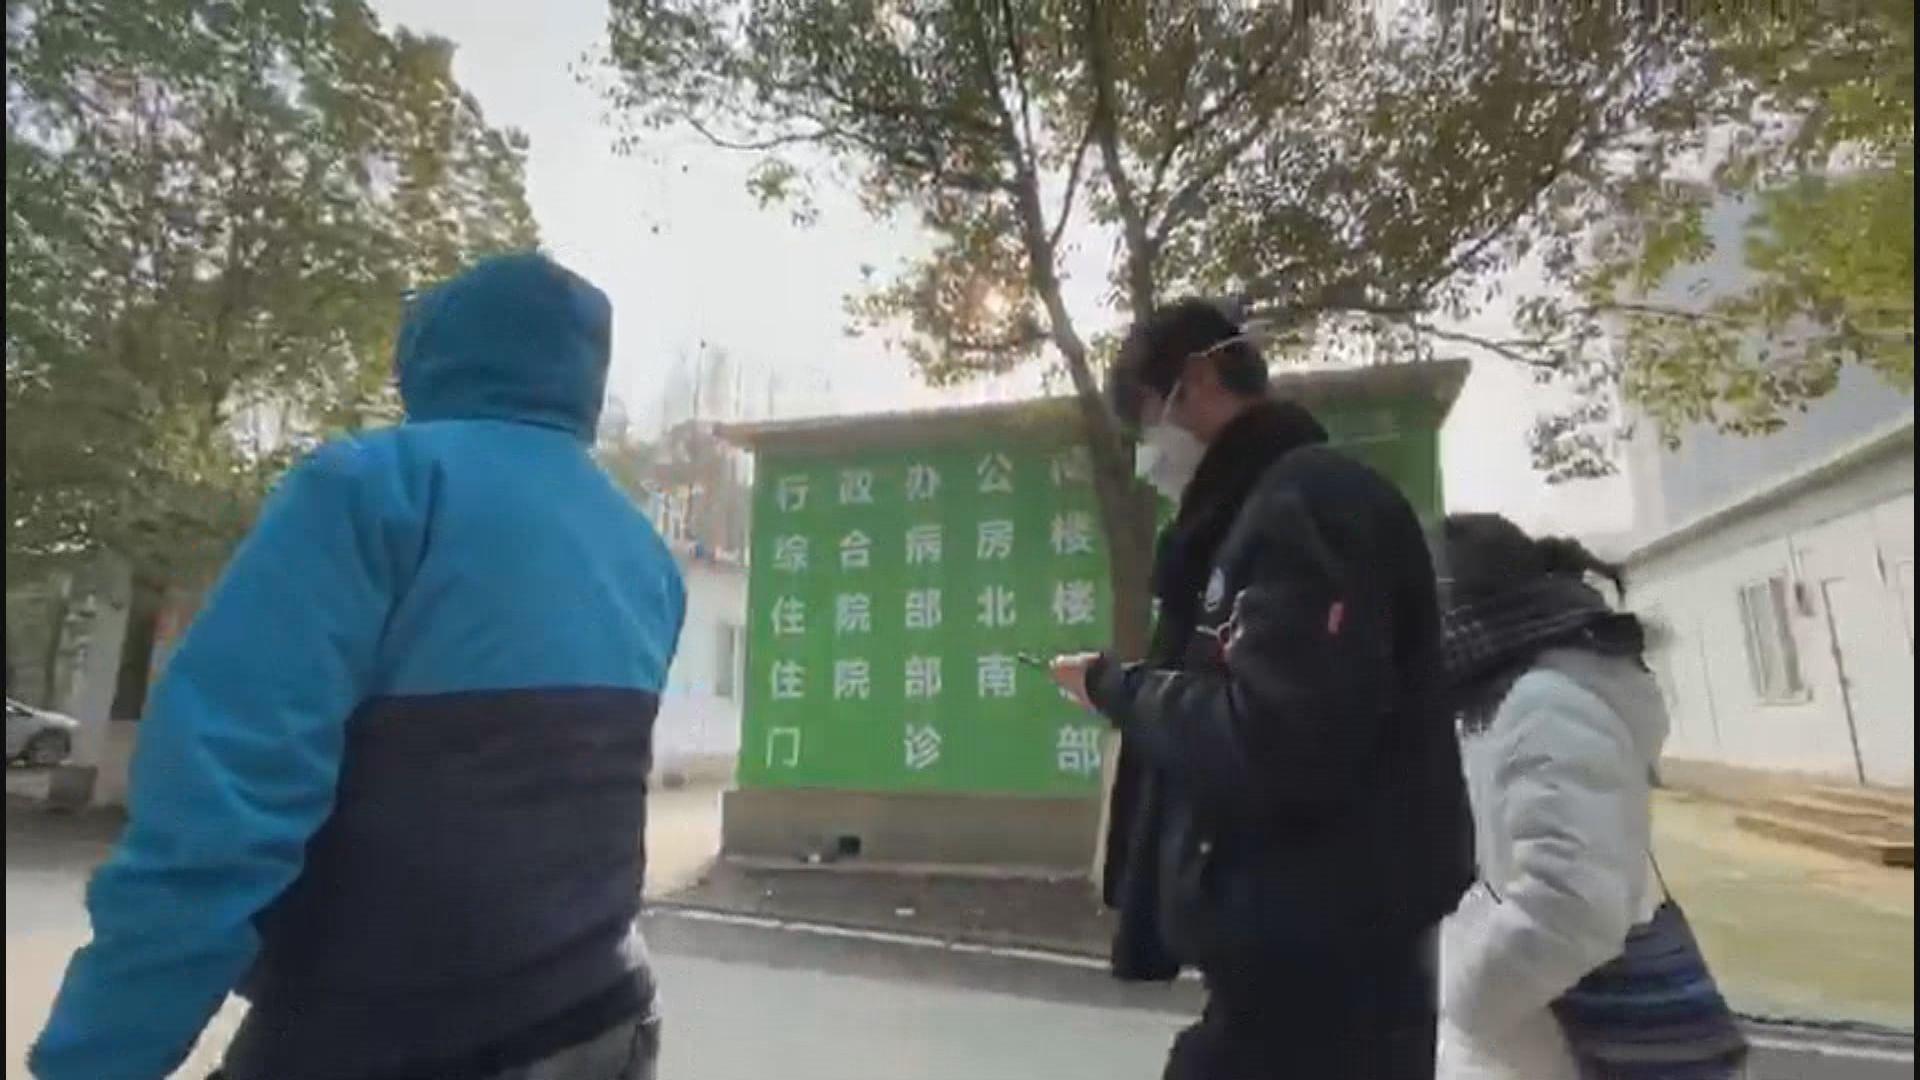 武漢隔離醫院人流稀少 出入人士戴N95口罩